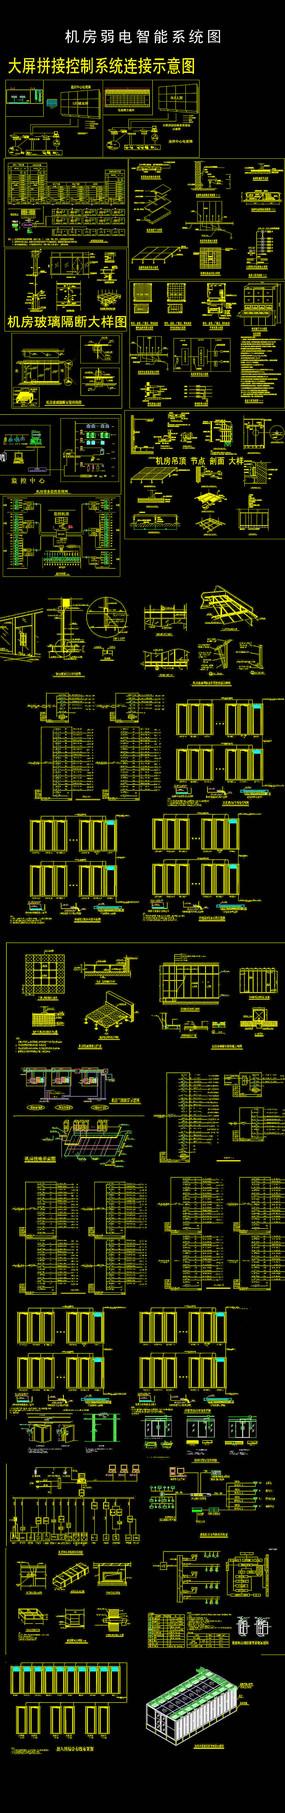 机房弱电智能系统图